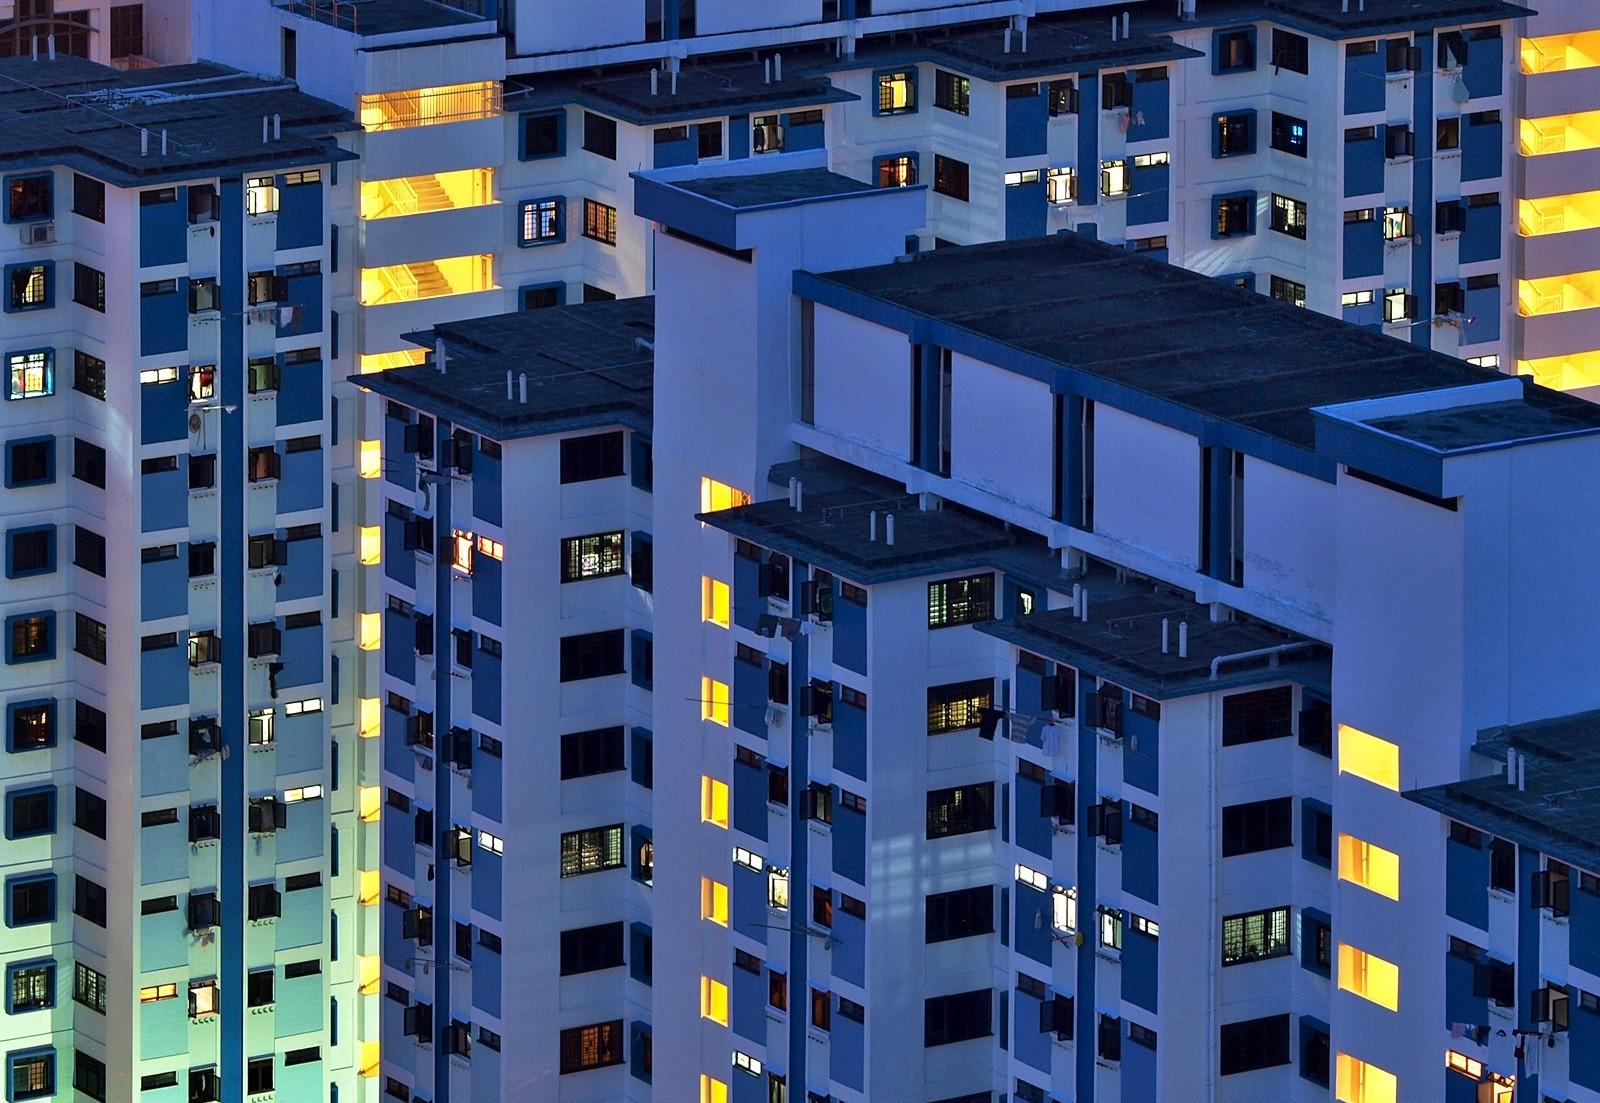 Картинки с высотными домами